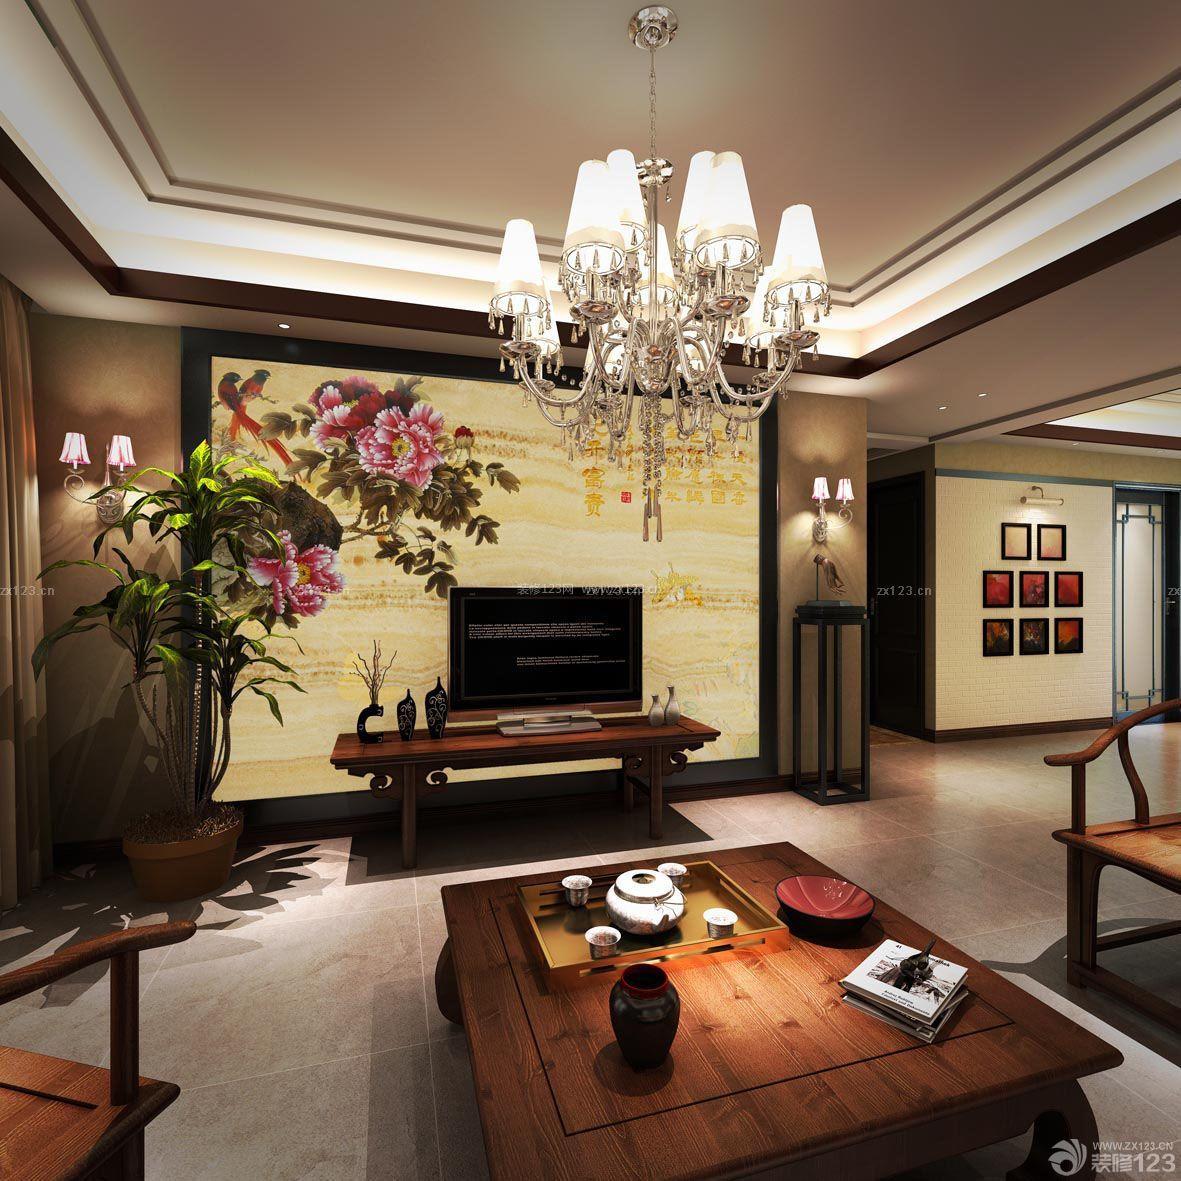 客厅石材背景墙_中式装修的石材背景,新中式石材背景墙,新中式石材背景_大山谷图库